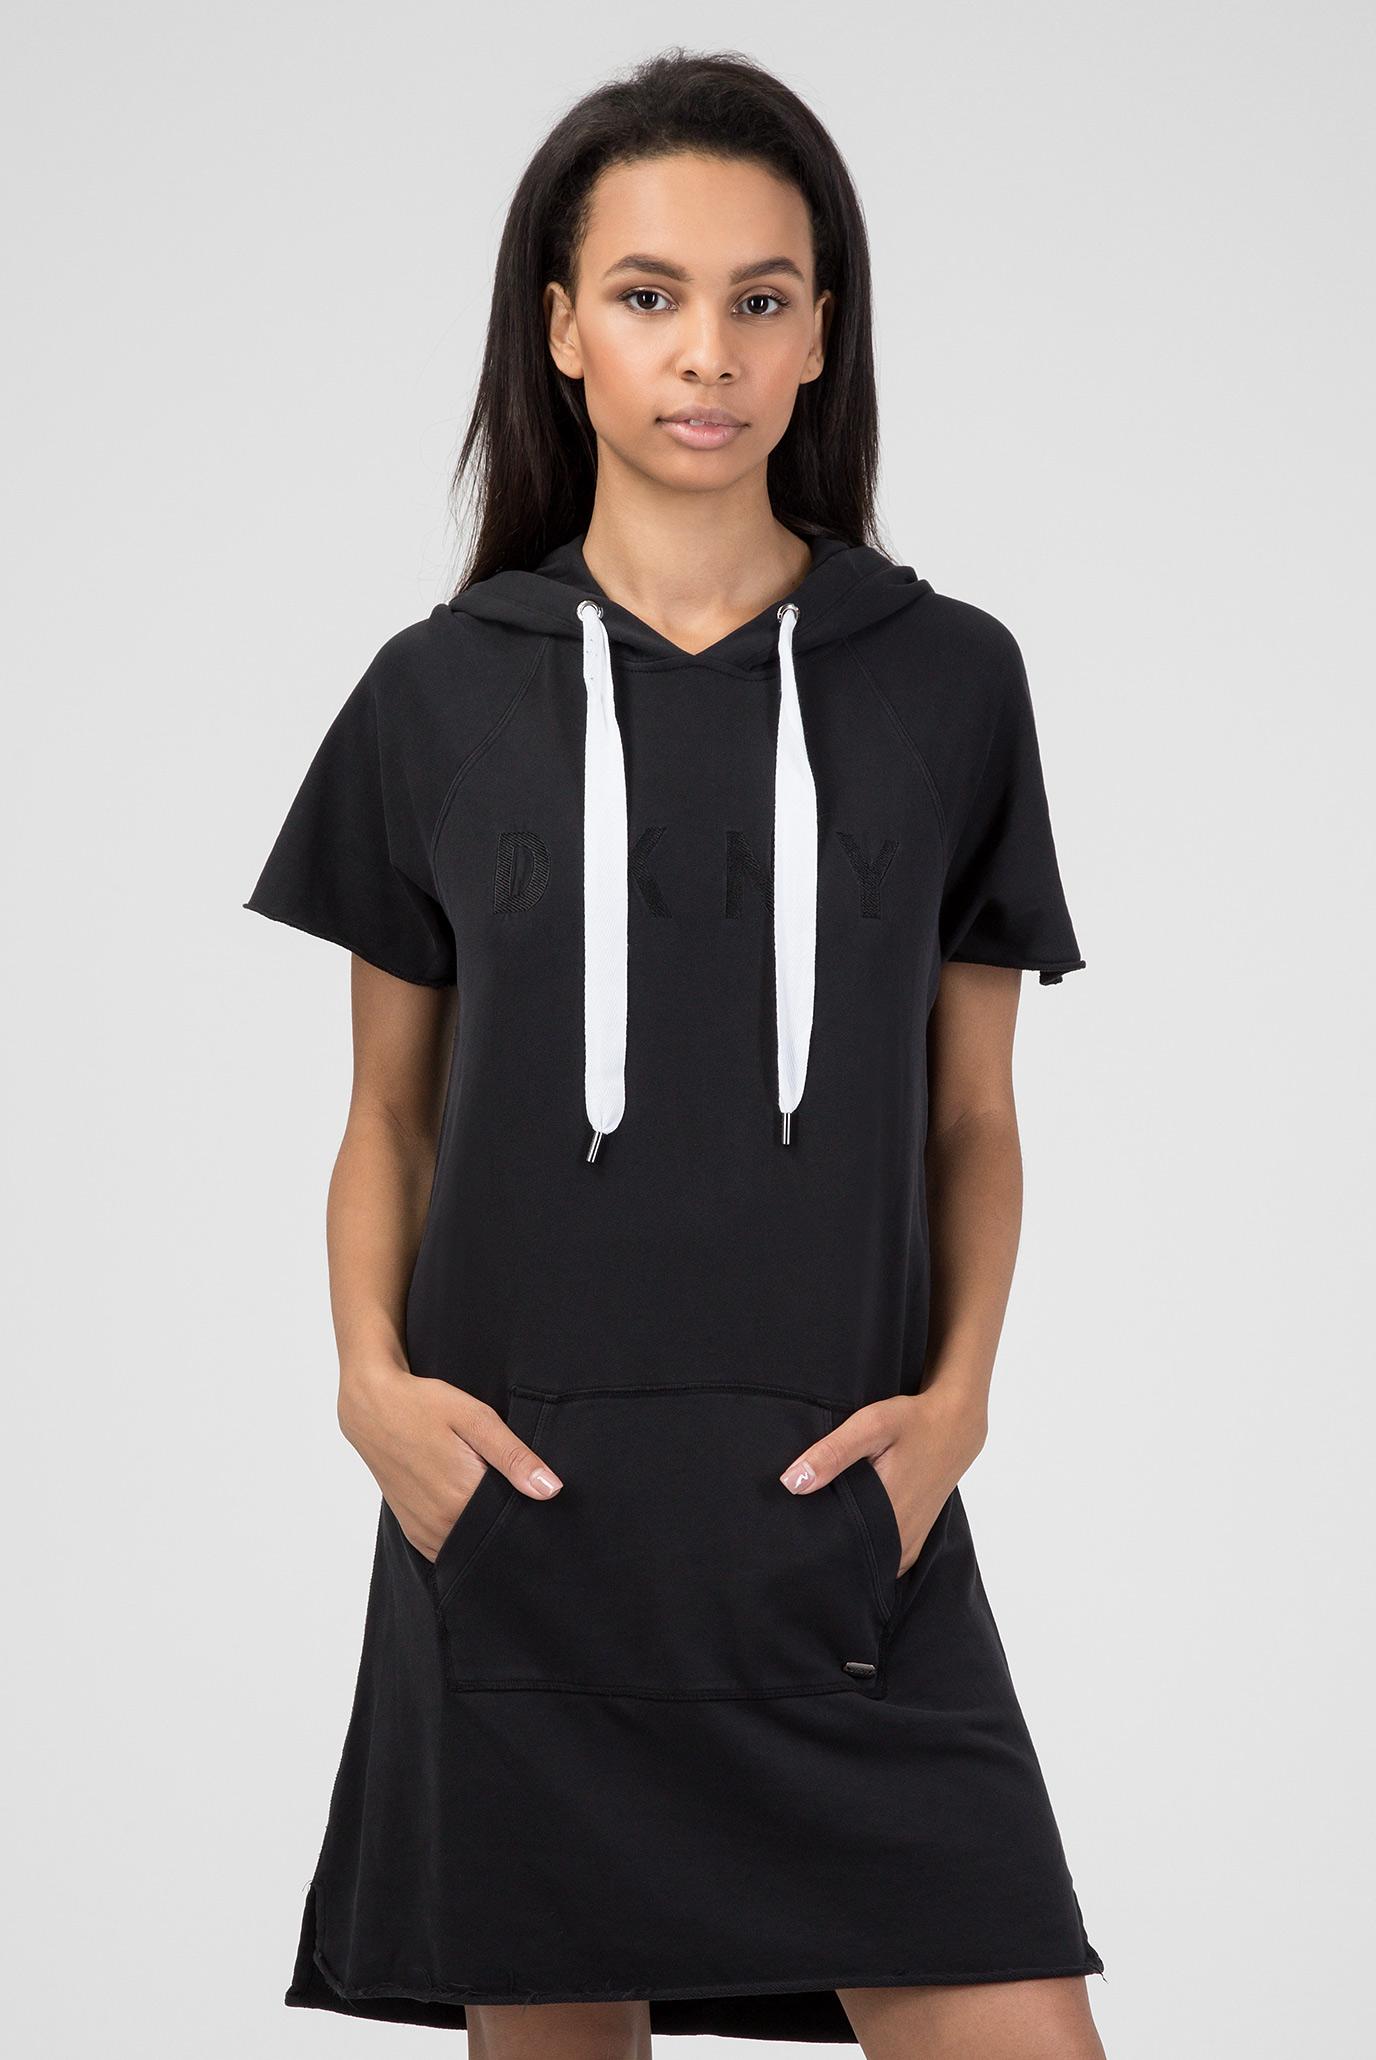 Купить Женское черное платье-худи DKNY DKNY DP8D4037 – Киев, Украина. Цены  в интернет магазине MD Fashion 3edae846ad8